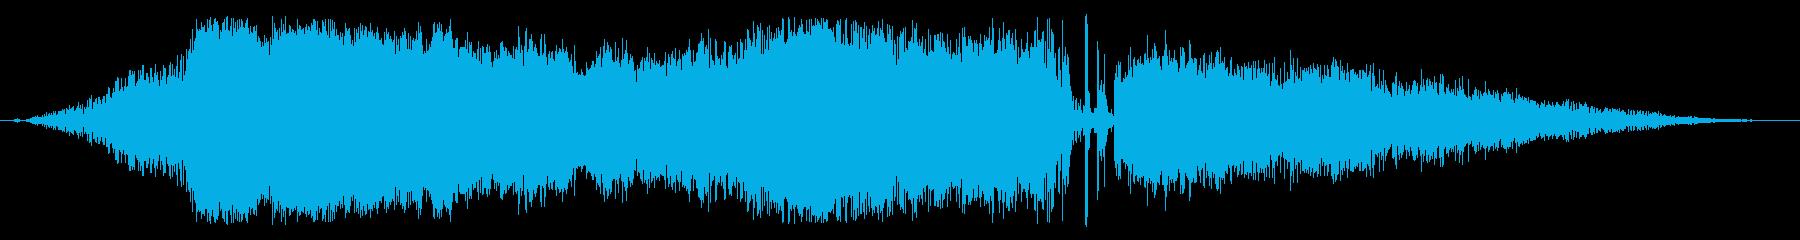 【レース06】ド迫力のエンジン効果音!の再生済みの波形